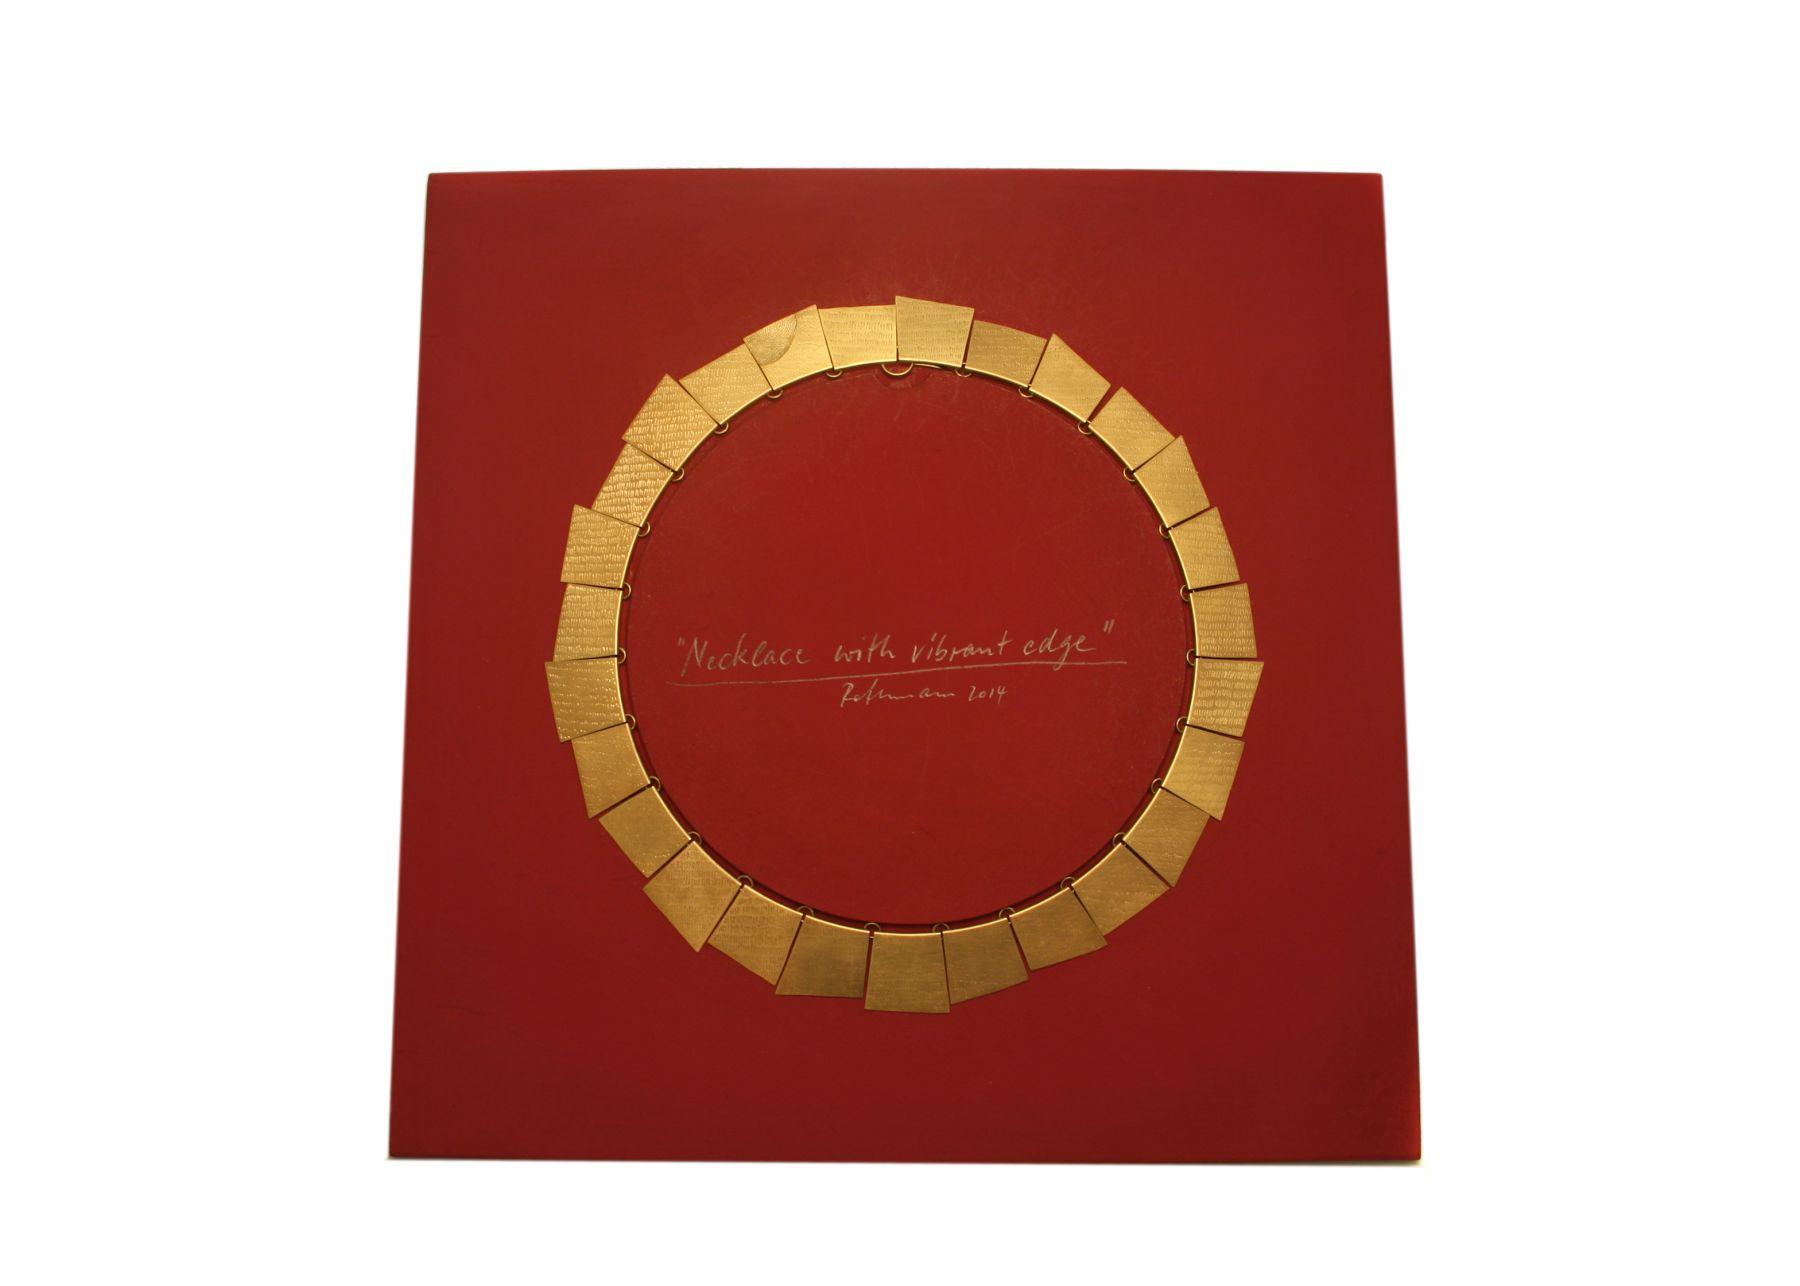 Gerd Rothmann, fingerprint, necklace